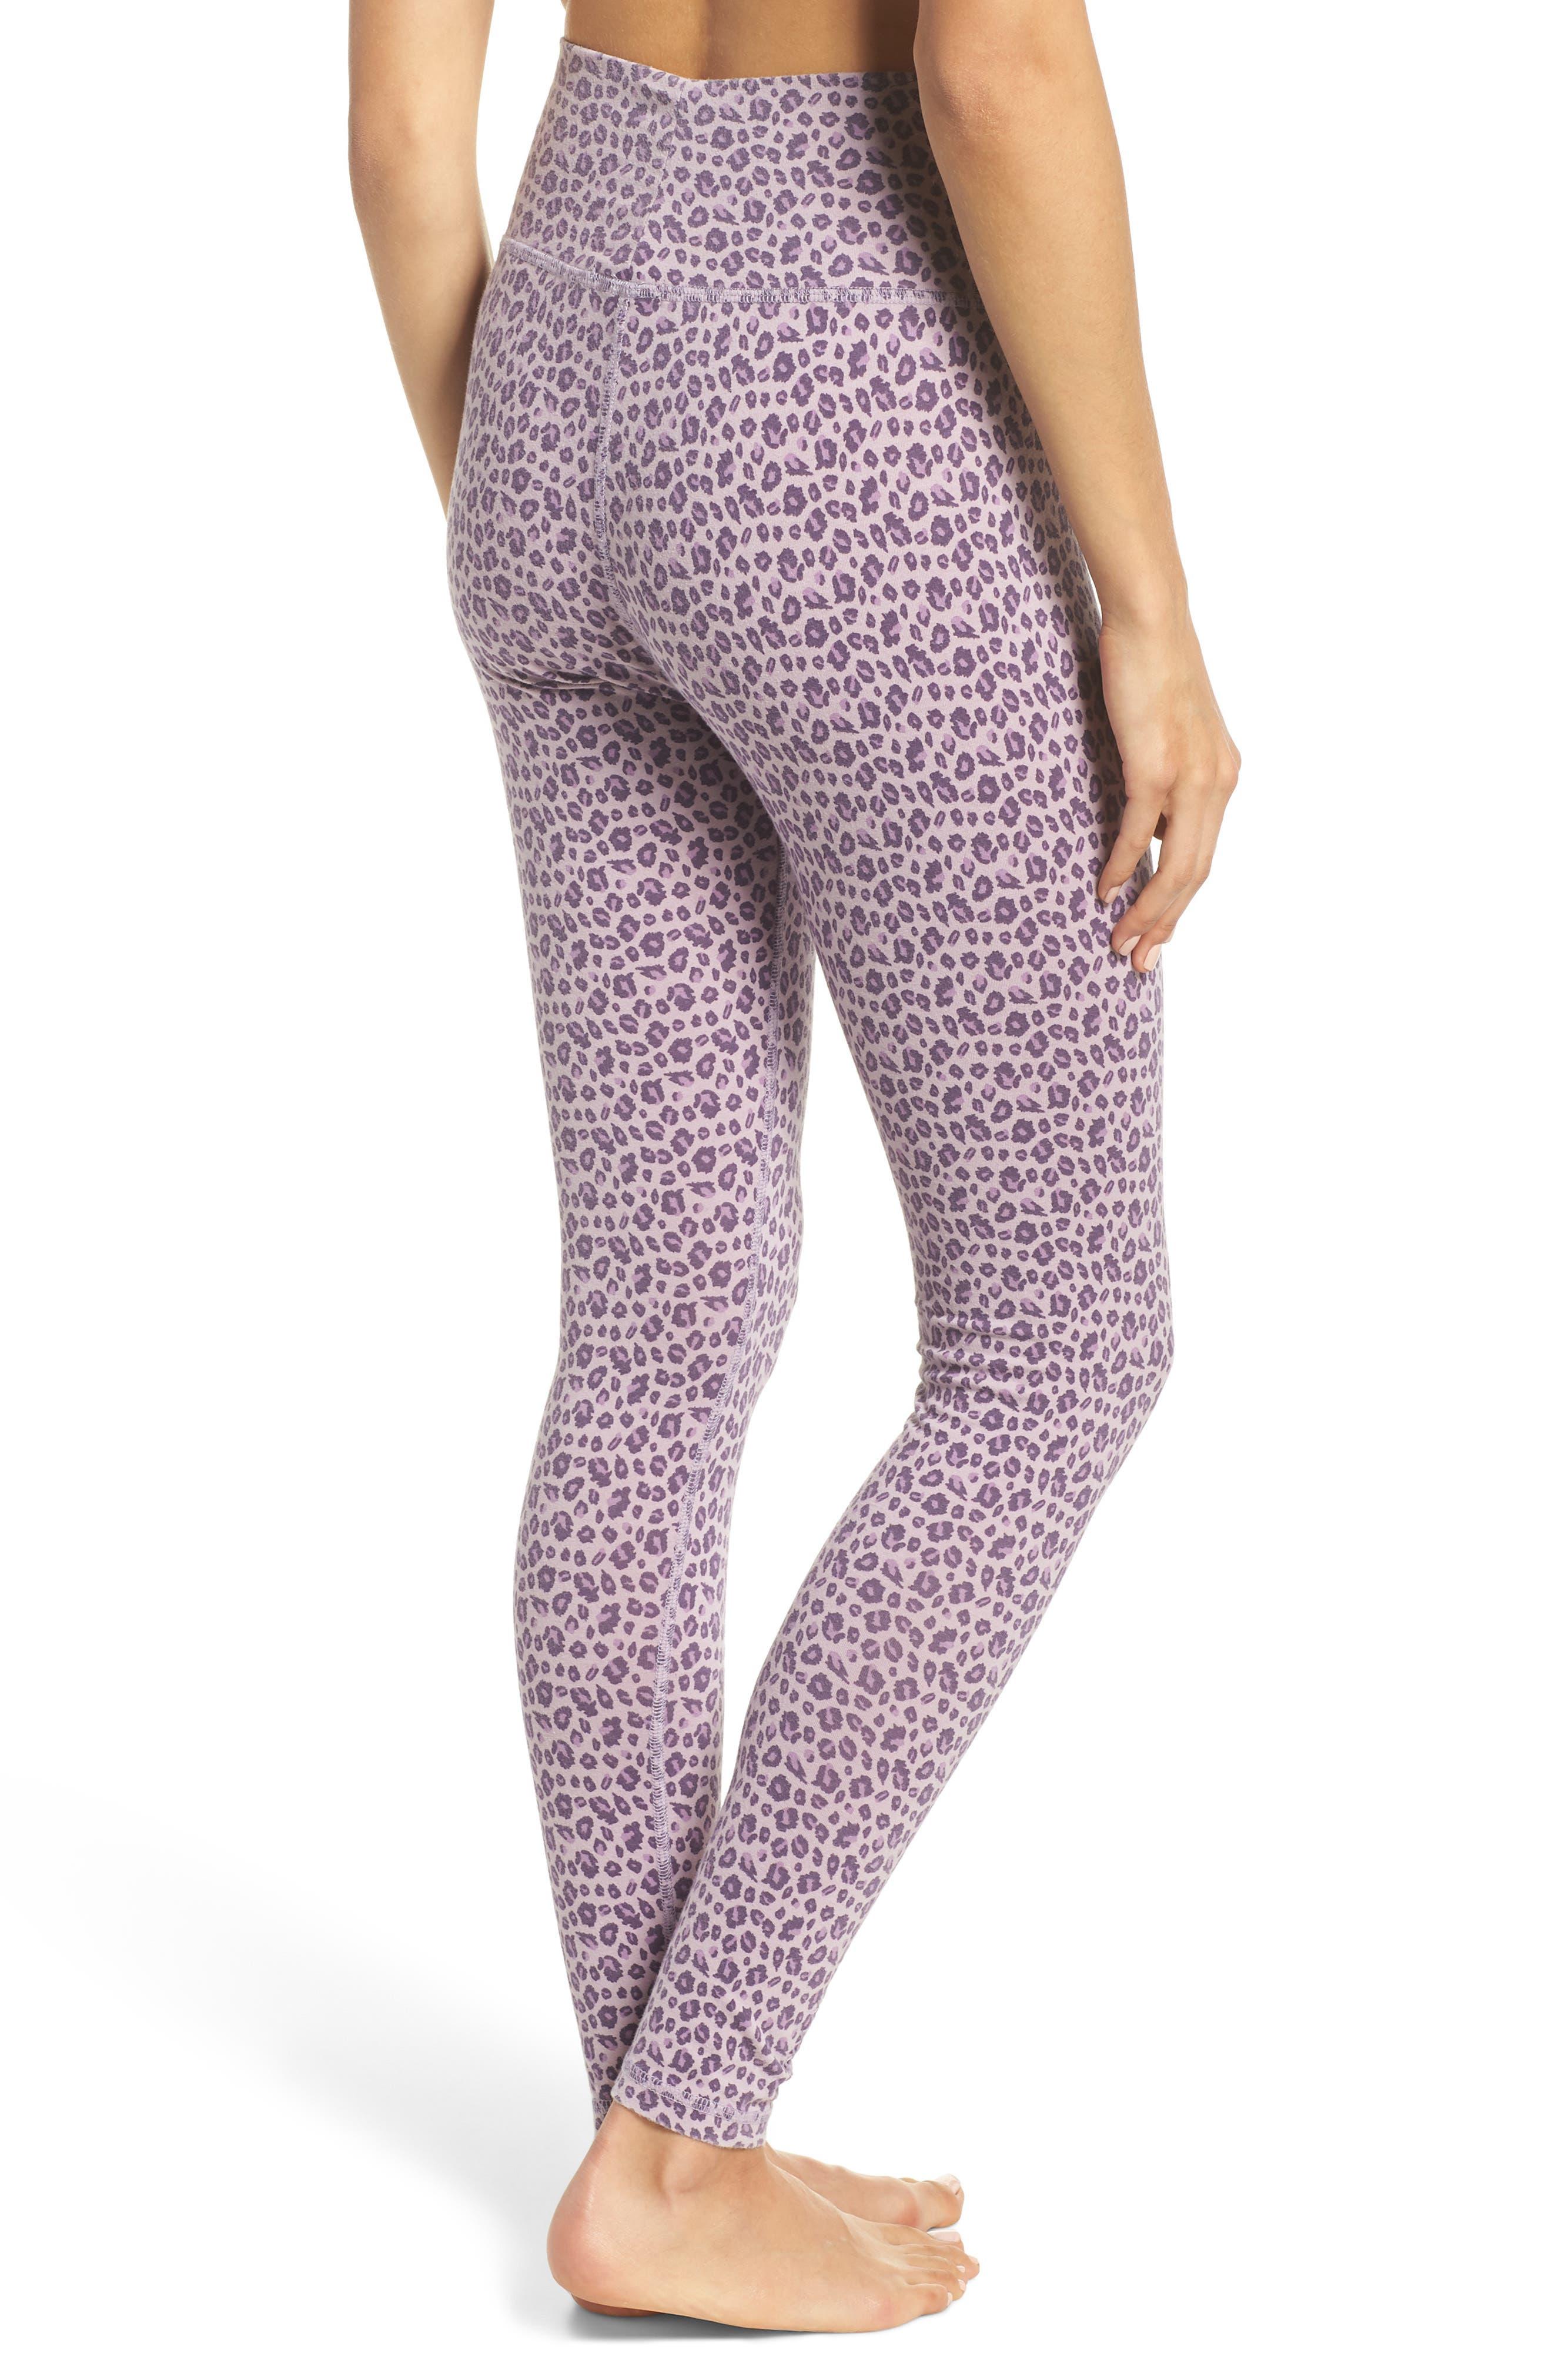 Leopard Print Leggings,                             Alternate thumbnail 2, color,                             LILAC LEOPARD